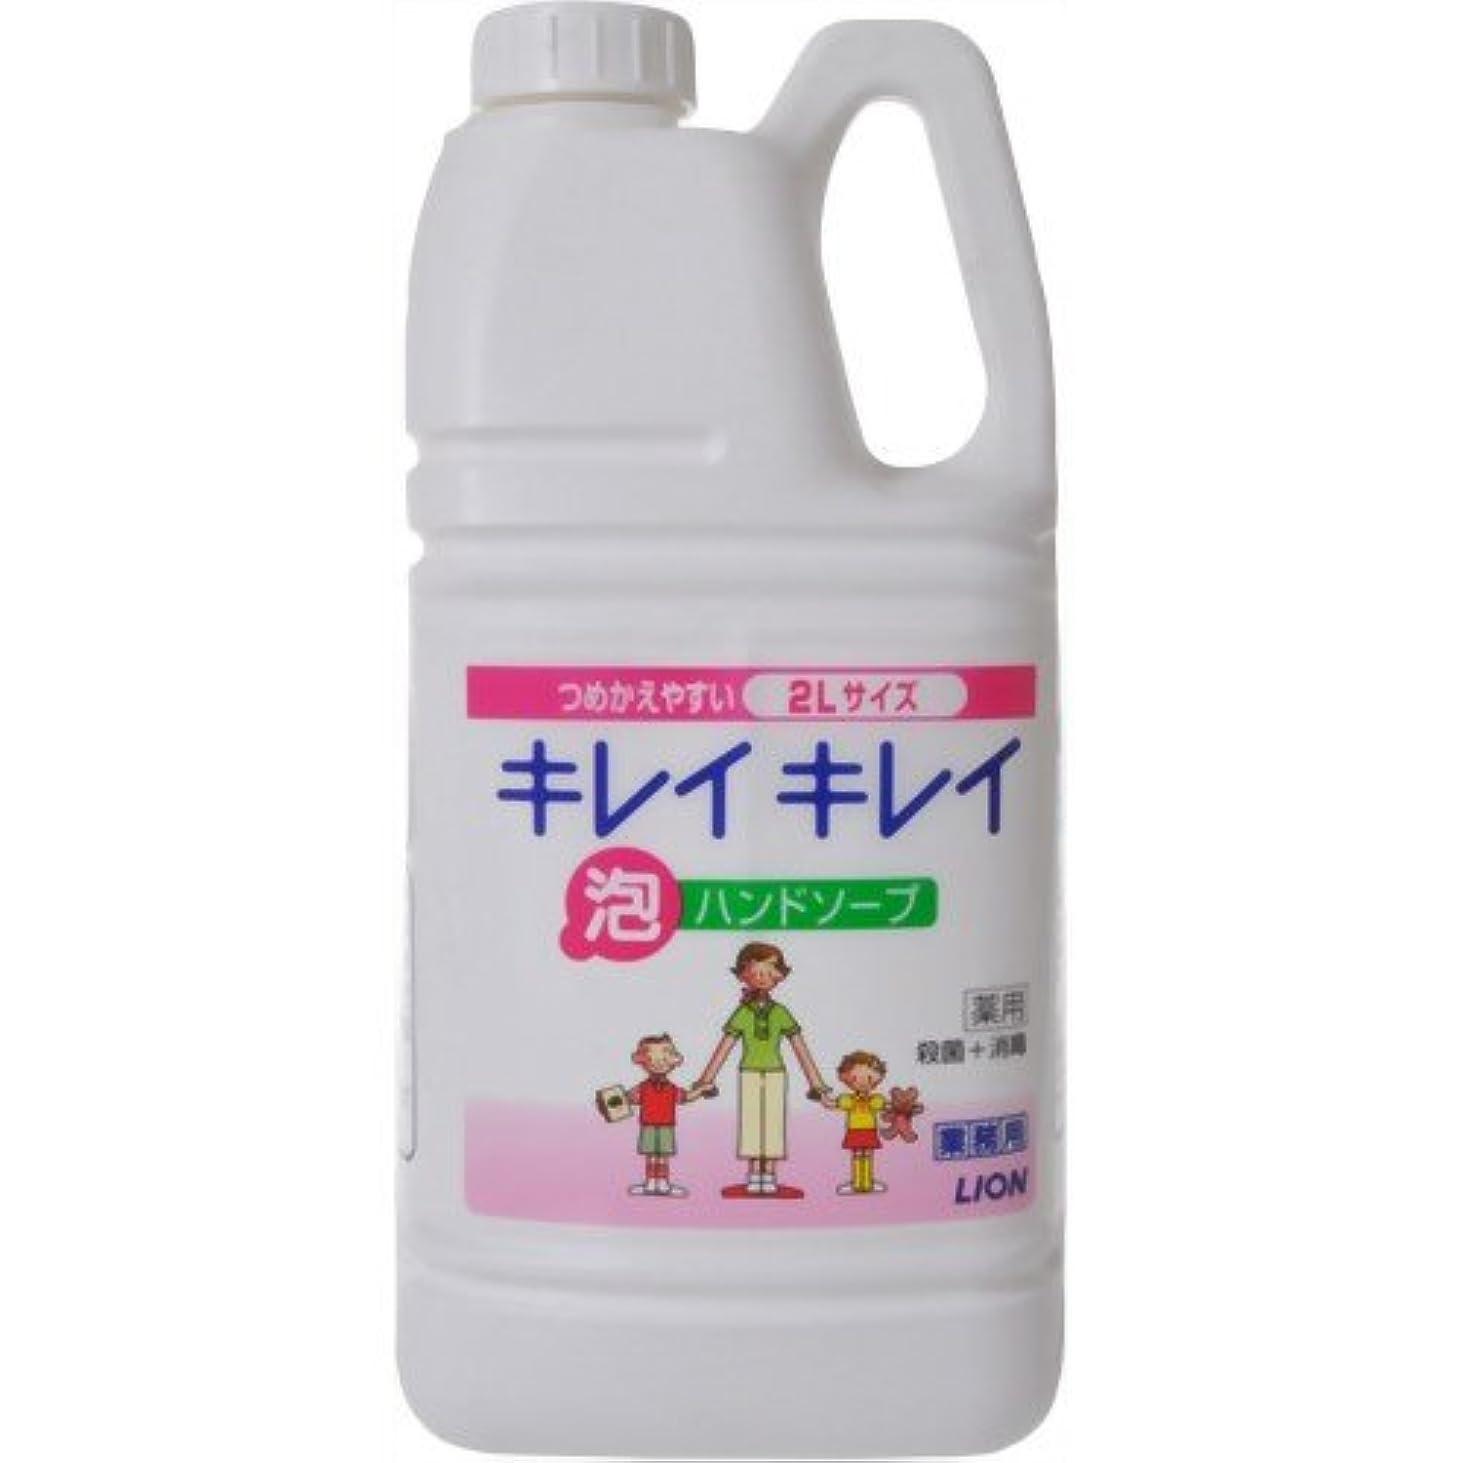 本物確かな役立つキレイキレイ薬用泡ハンドソープ2L(業務用)